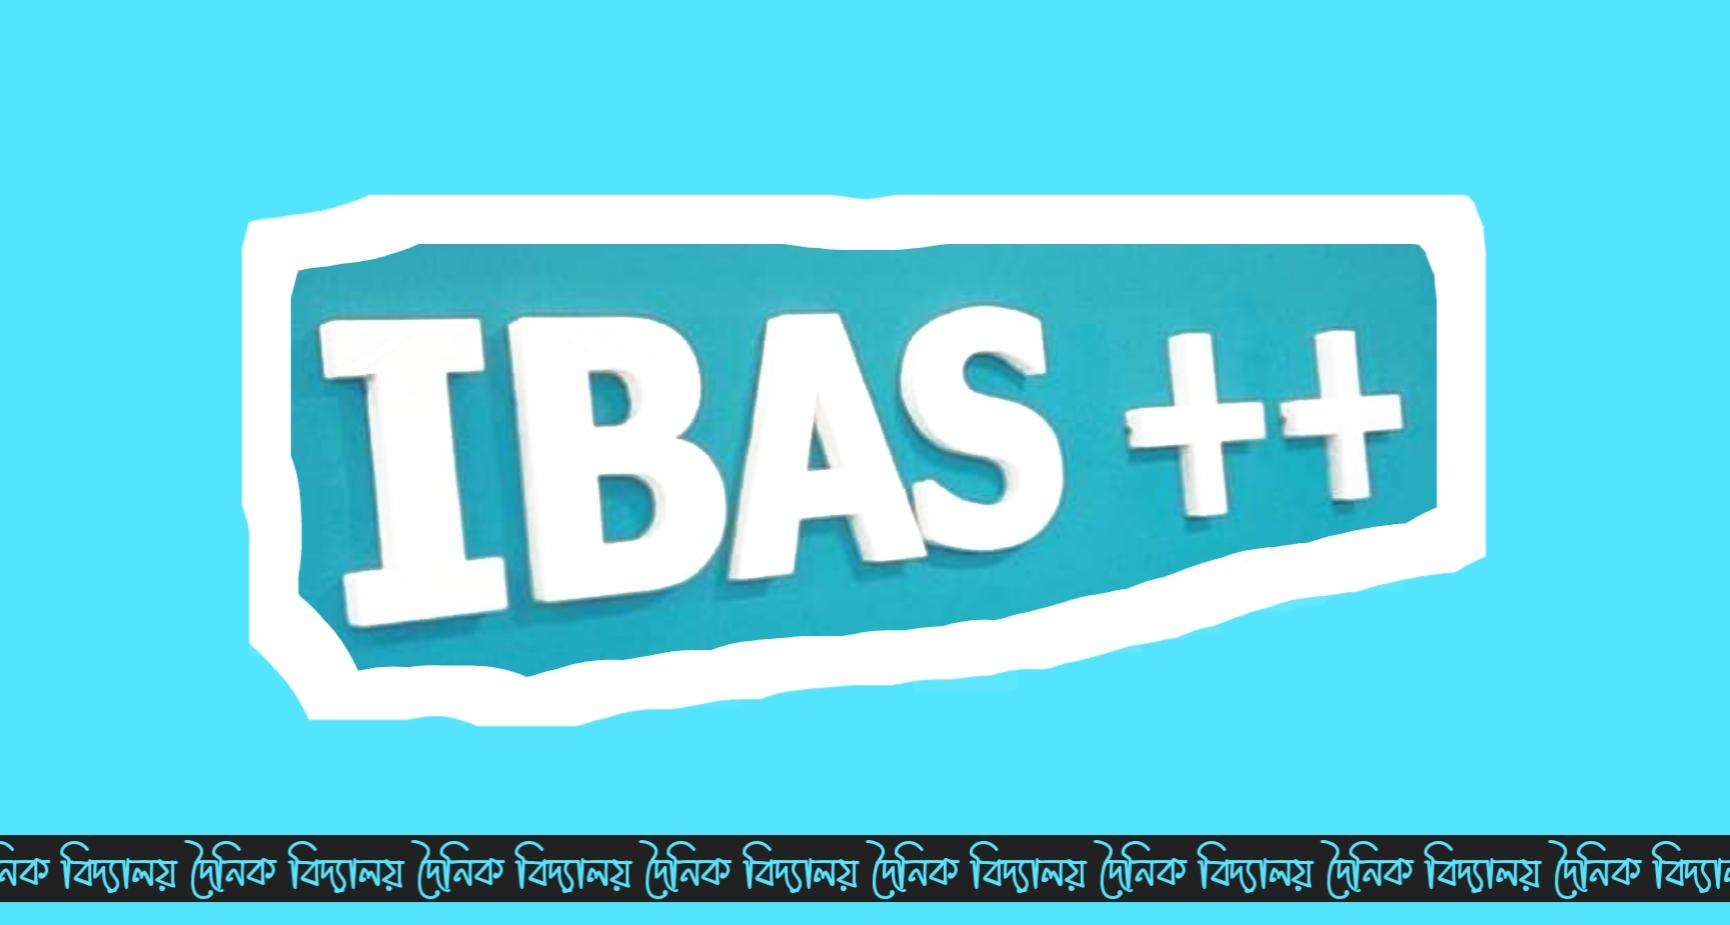 শিক্ষকদের উন্নীত স্কেলে নিজেই যেভাবে আইবাস++ এ বেতন ফিক্সেশন করবেন